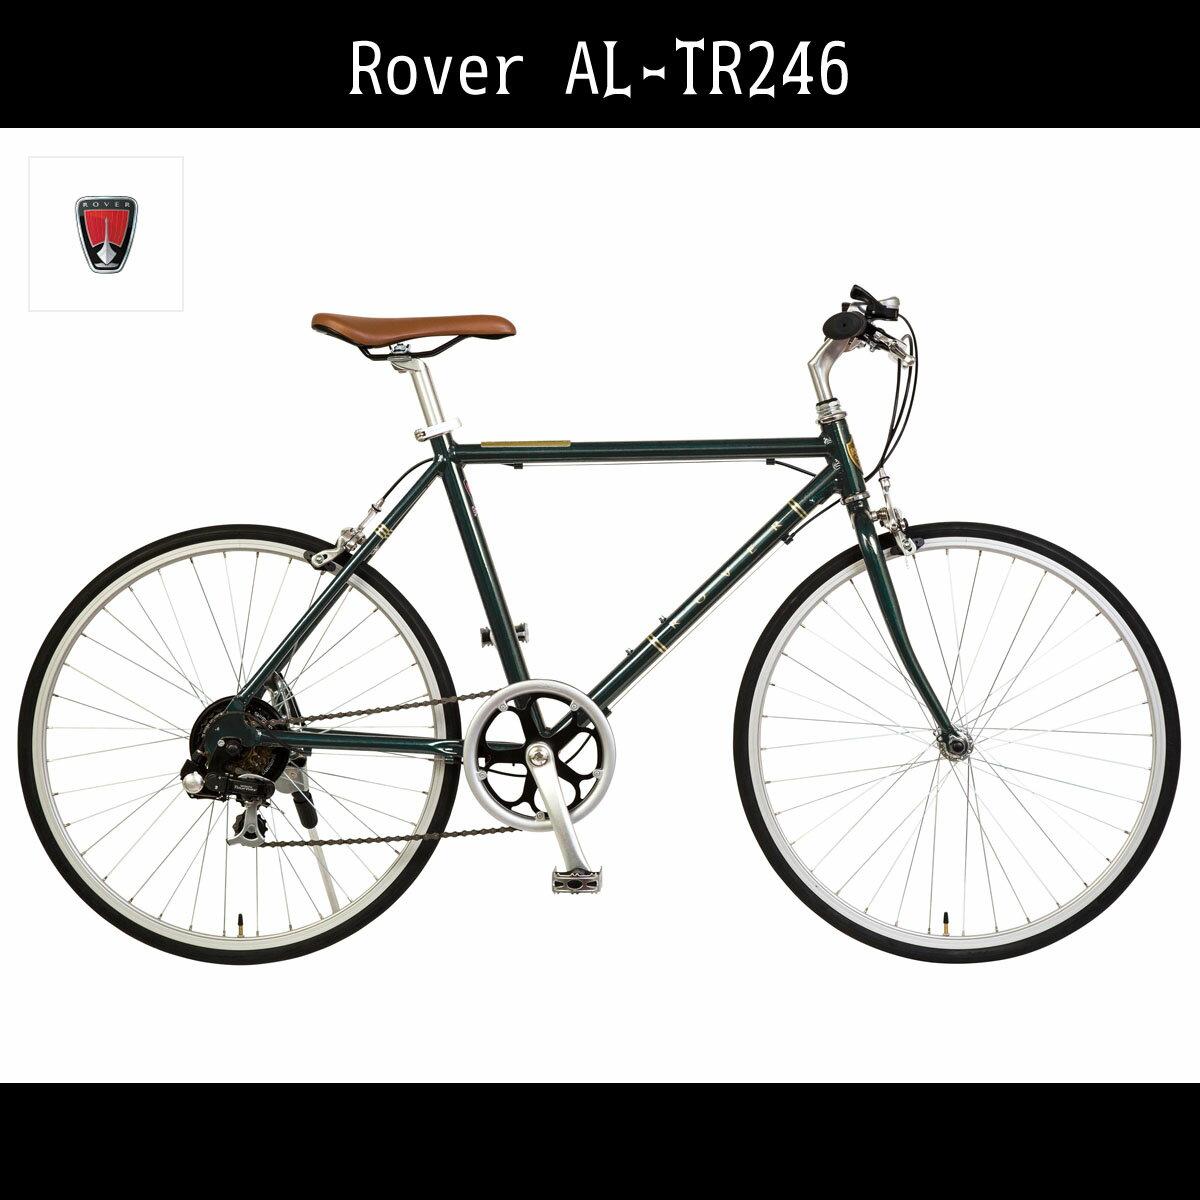 2台セット販売【送料無料 ロードバイク Rover ローバー 自転車 グリーン/緑】【24インチ 自転車 外装6段変速ギア 軽量アルミ】ロードバイク ローバー AL-TR246